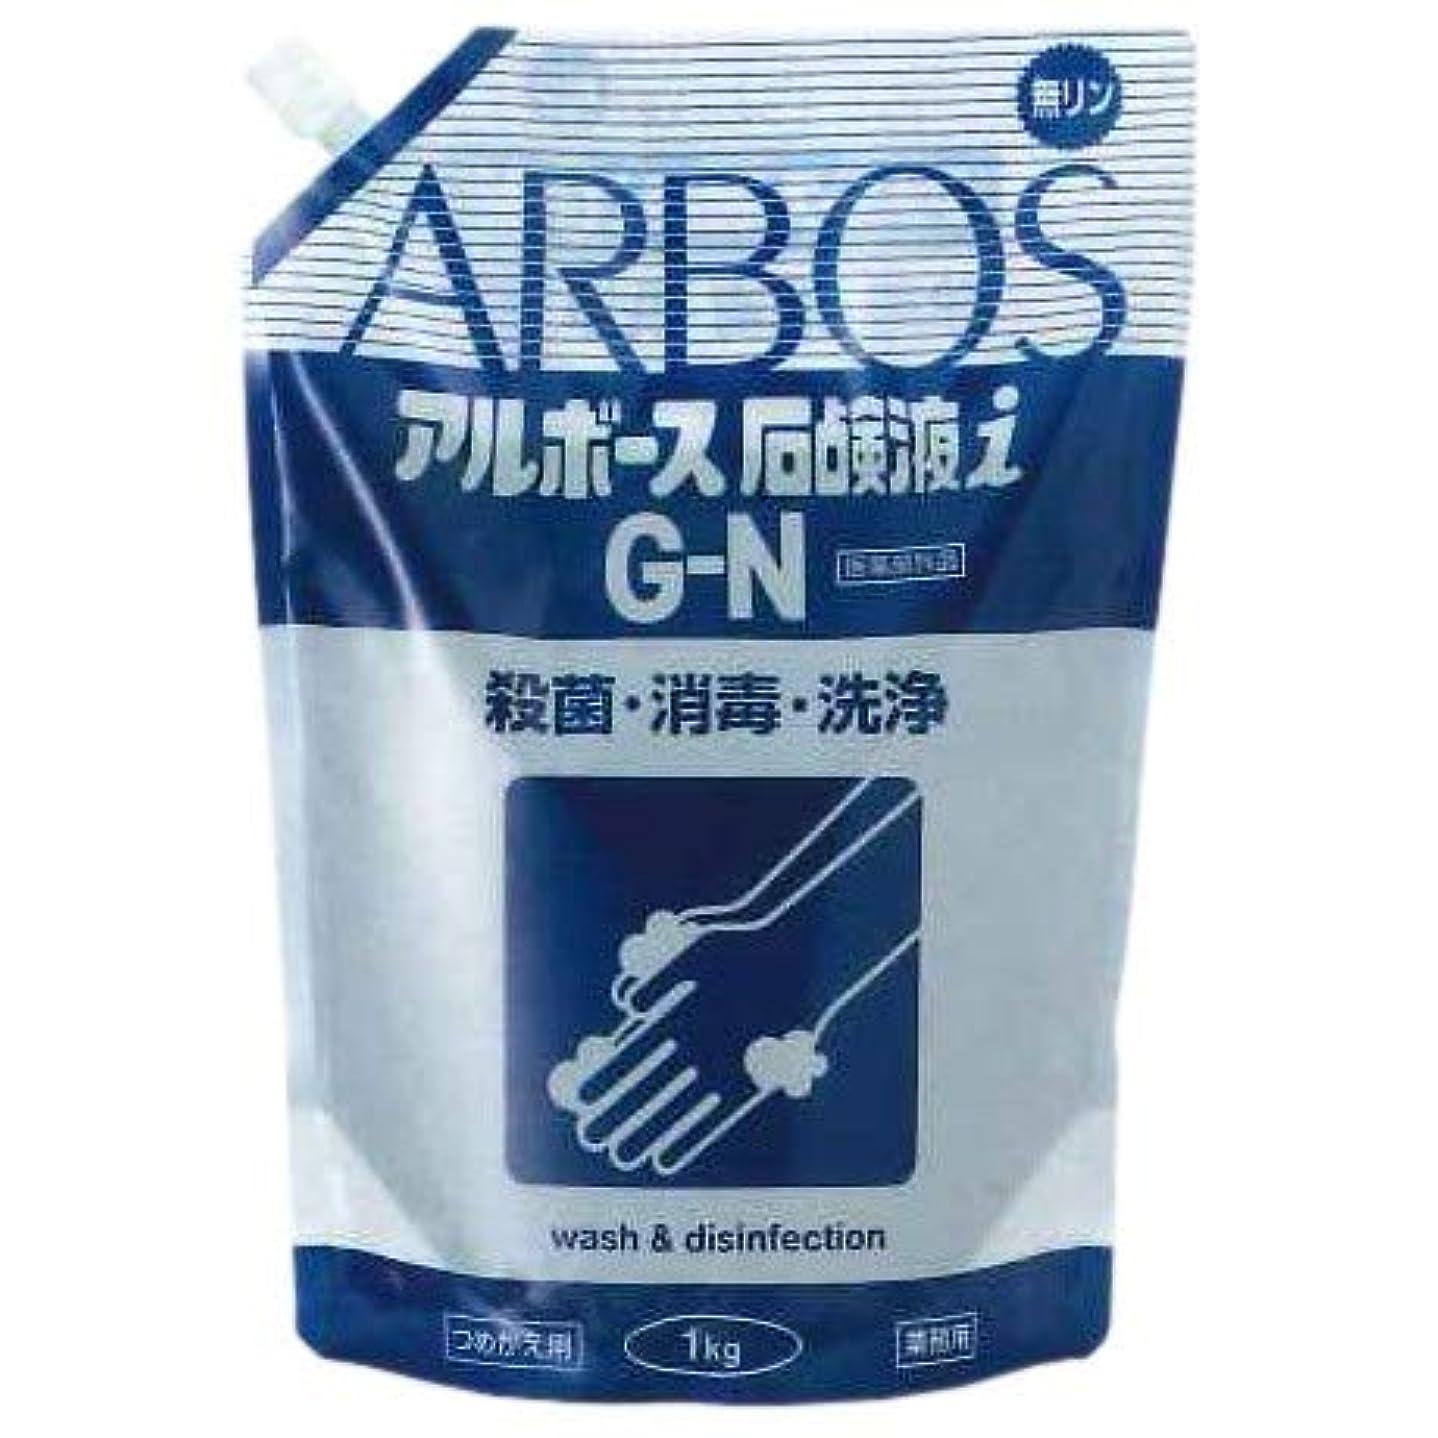 価格居眠りするタップアルボース 薬用ハンドソープ アルボース石鹸液i G-N 濃縮タイプ 1kg×18袋